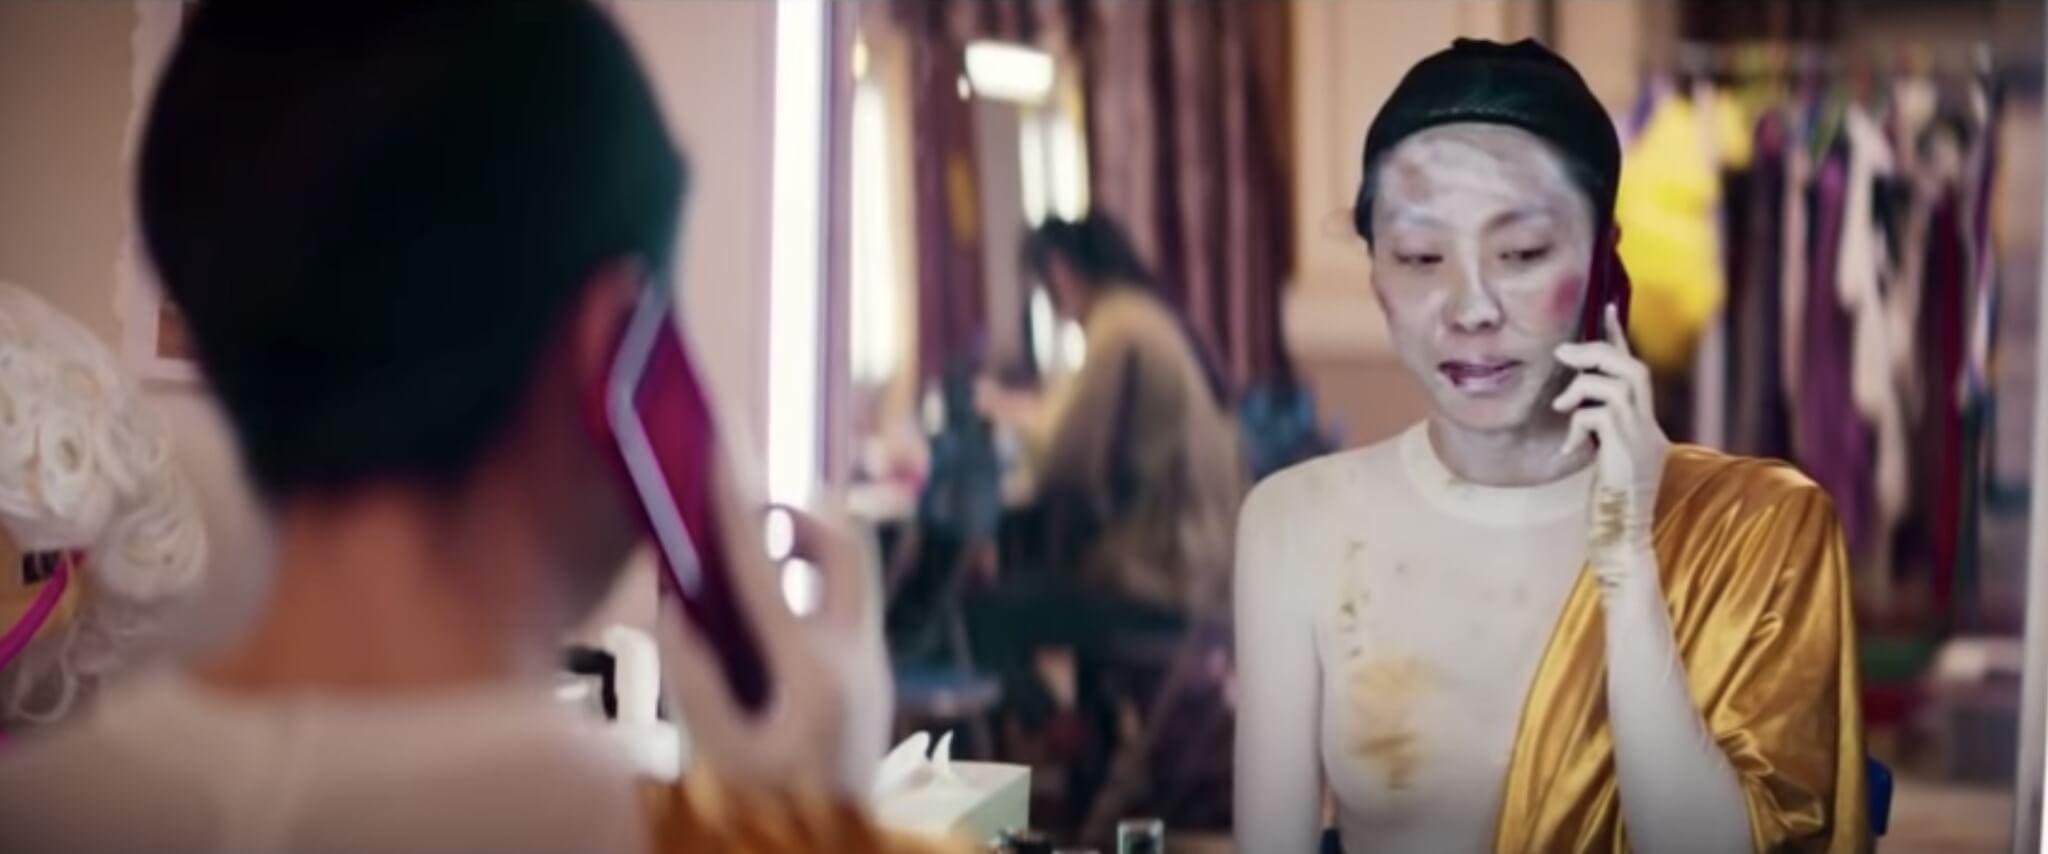 鄂靖文和「如夢」一樣,憑着打不死精神,最終如願成為女主角,得到期待已久的黃金機會。